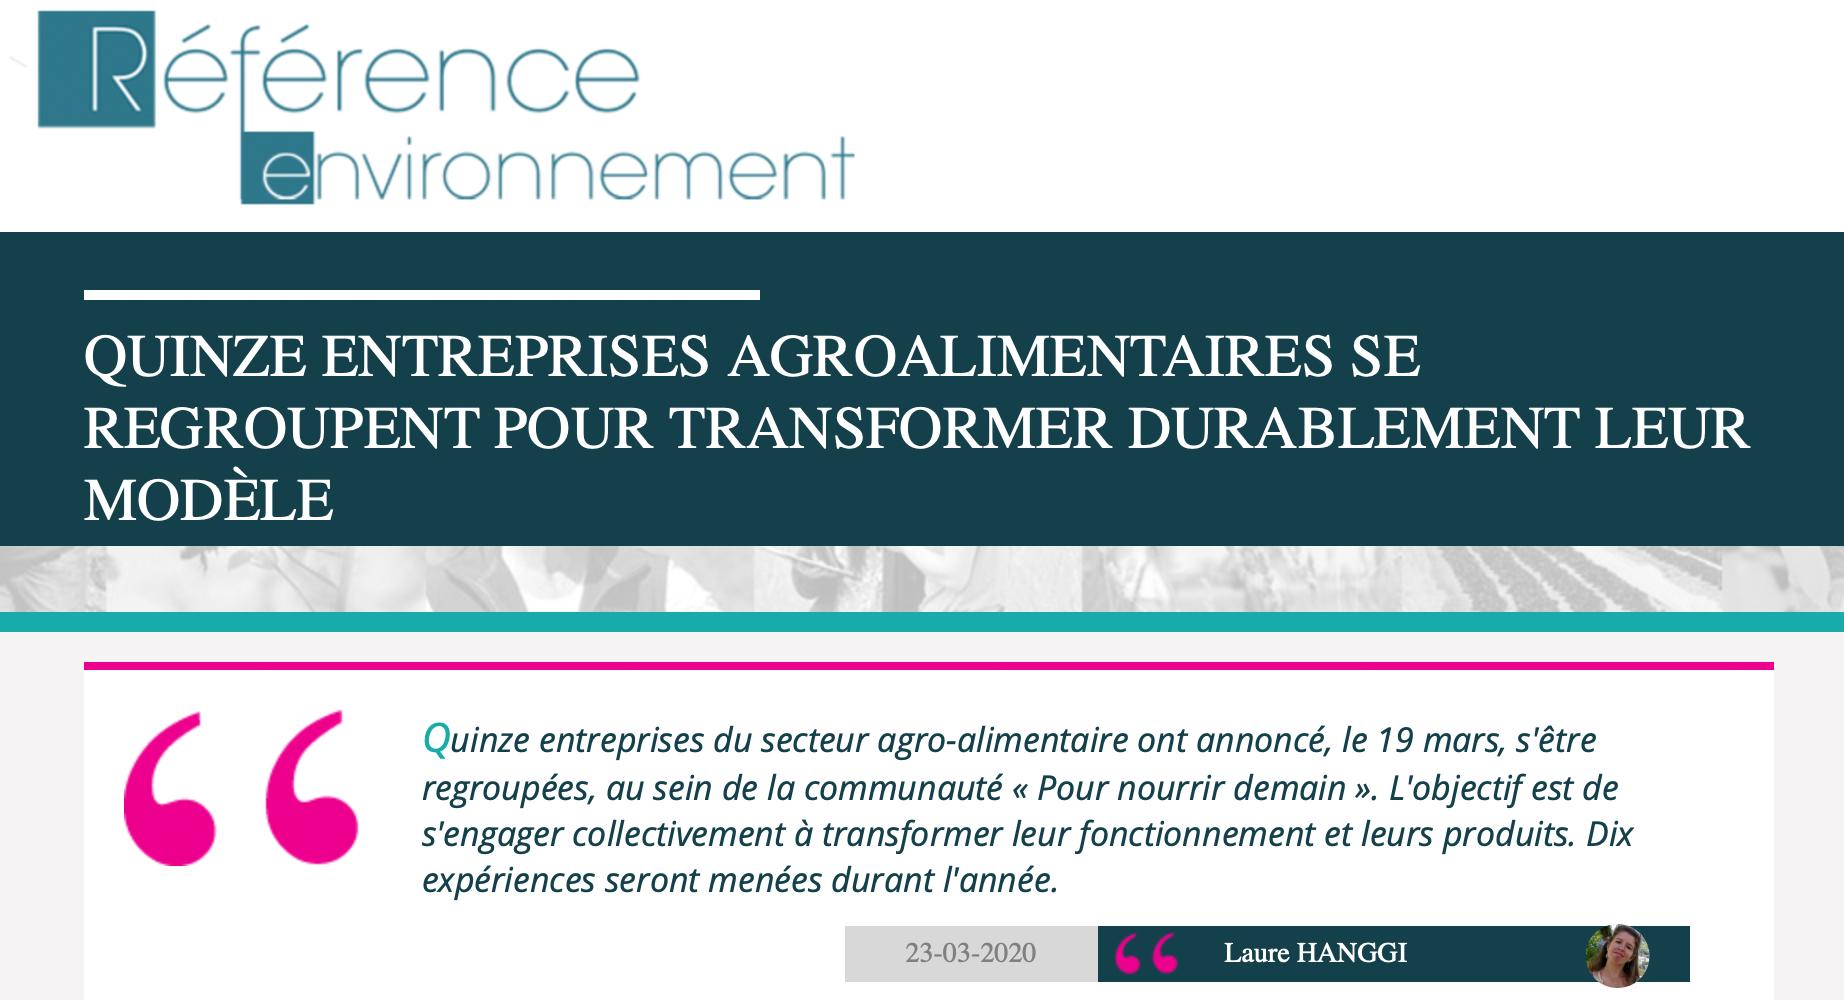 Pnd - Quinze entreprises agroalimentaires se regroupent pour transformer durablement leur modèle - Référence Environnement